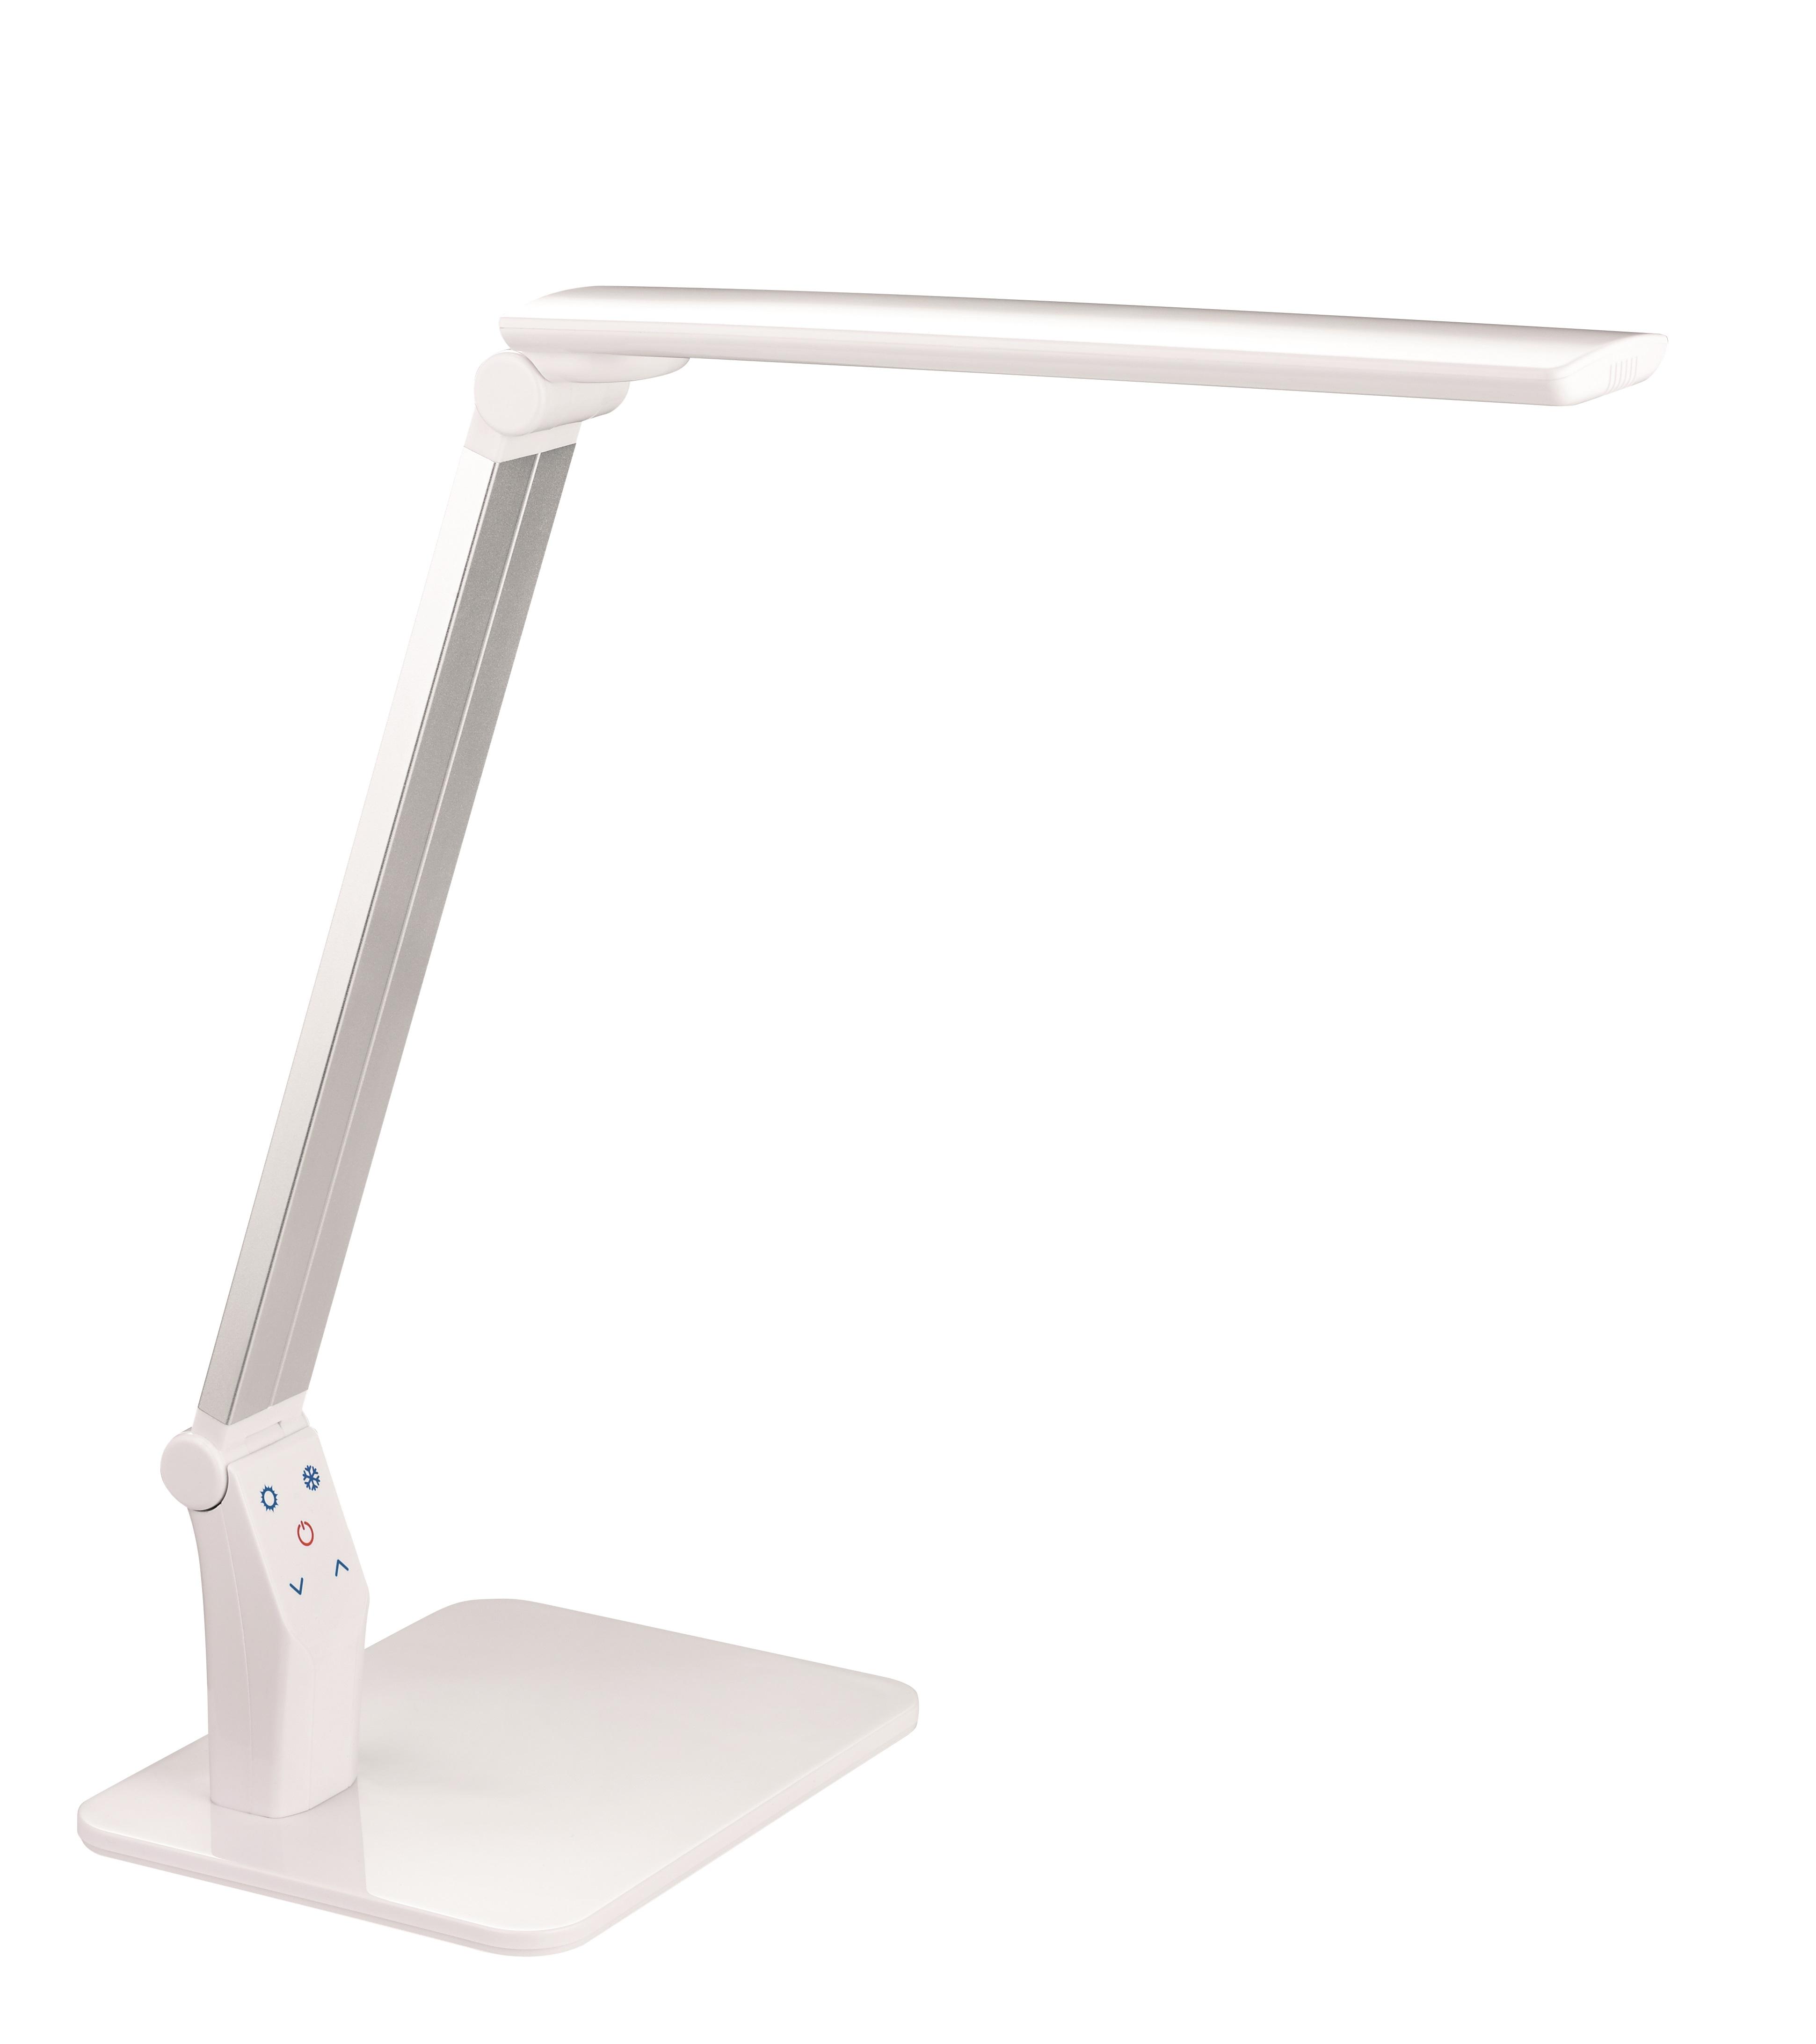 Lampa de birou cu led, 10W, 1400 lux - 35cm, cu brat articulat, ajustabila, ALCO - alba